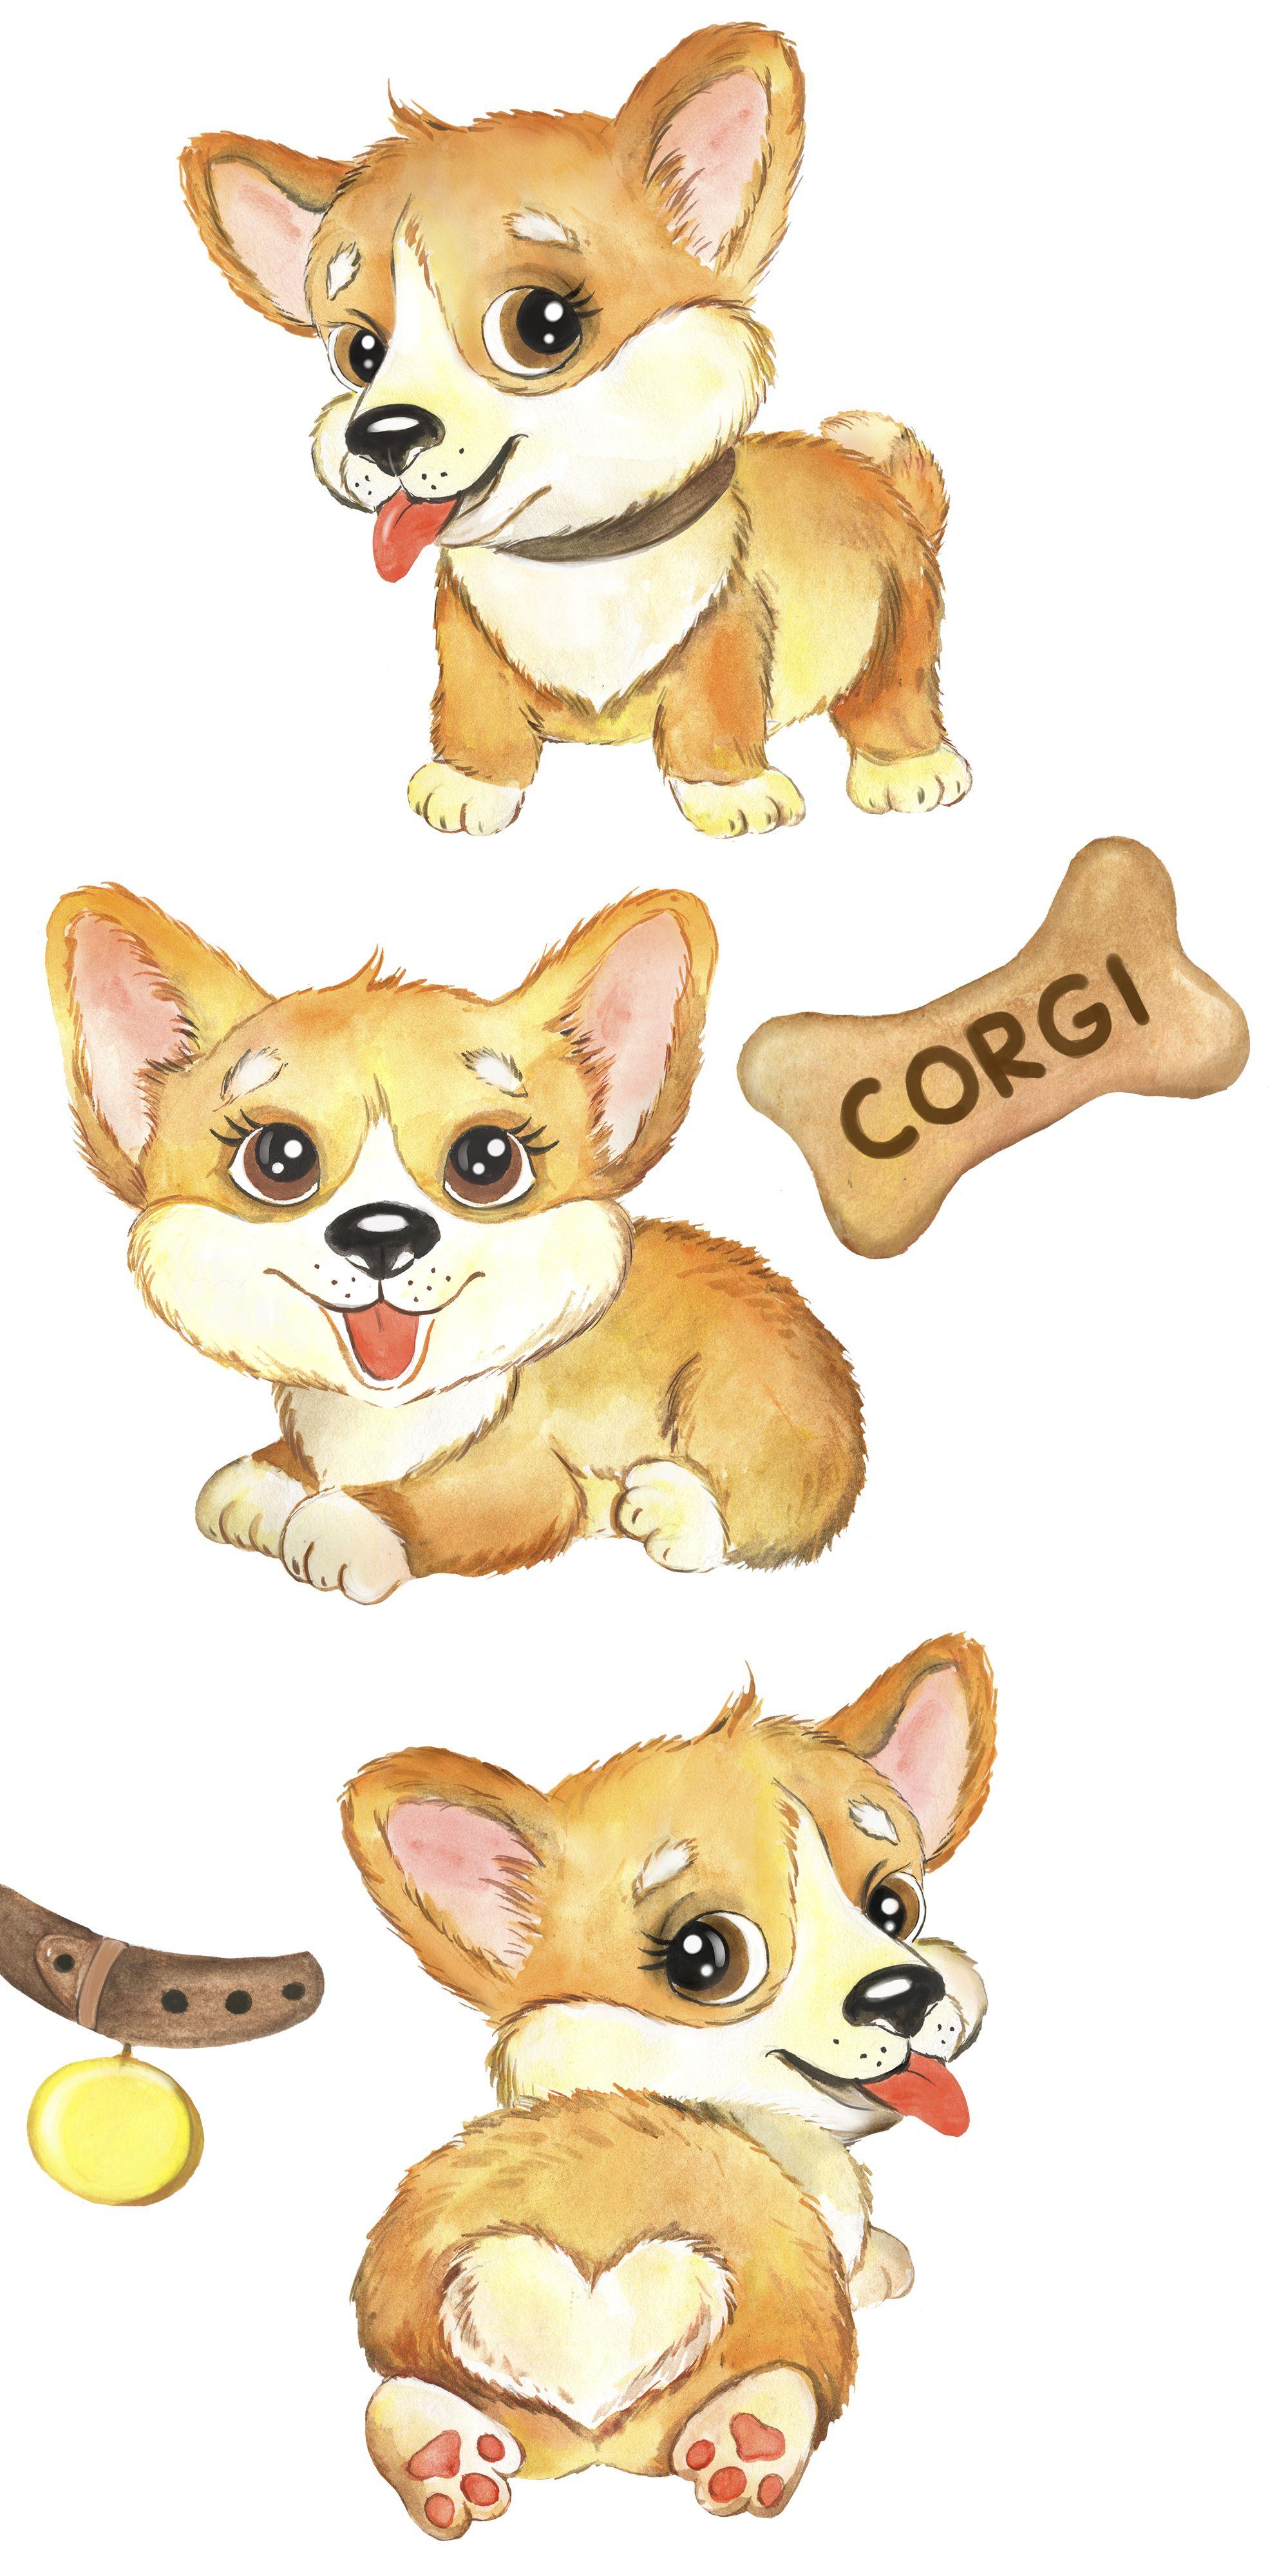 Puppies CORGI watercolor clipart. Pets clip art funny dogs ... (2000 x 4000 Pixel)